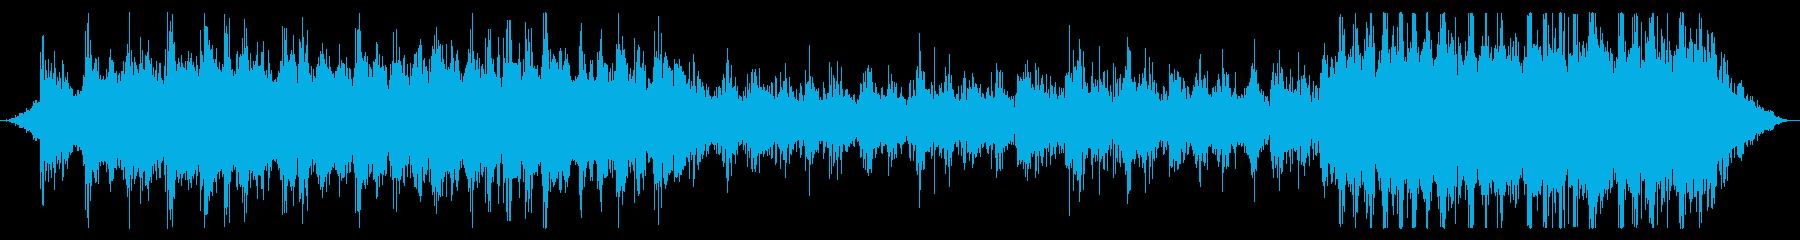 パドルボート:オンボード:ヘビーア...の再生済みの波形